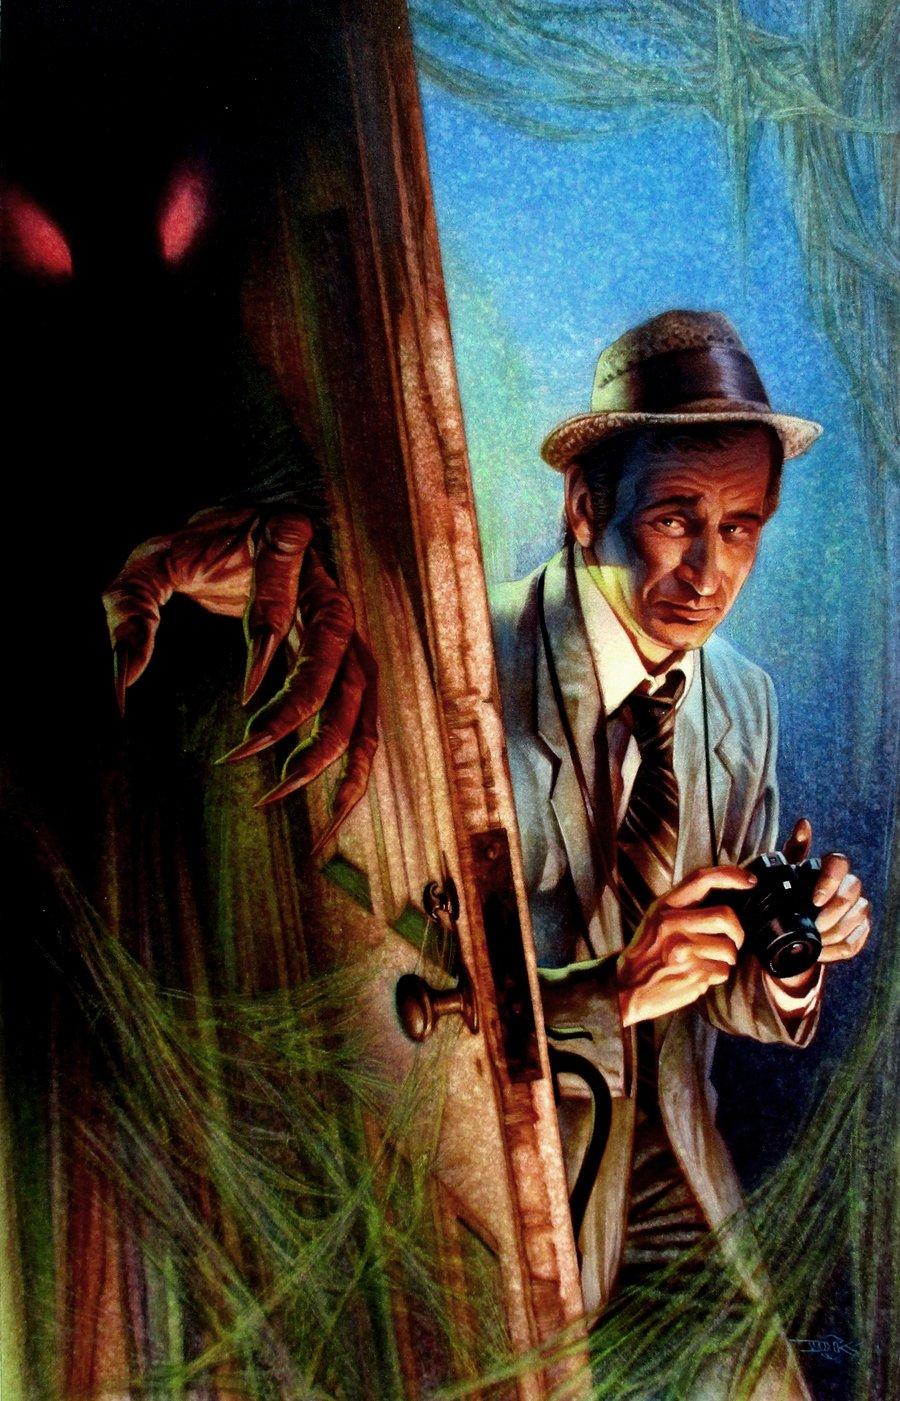 Kolchak the Night Stalker #1 Cover Painting (2003)